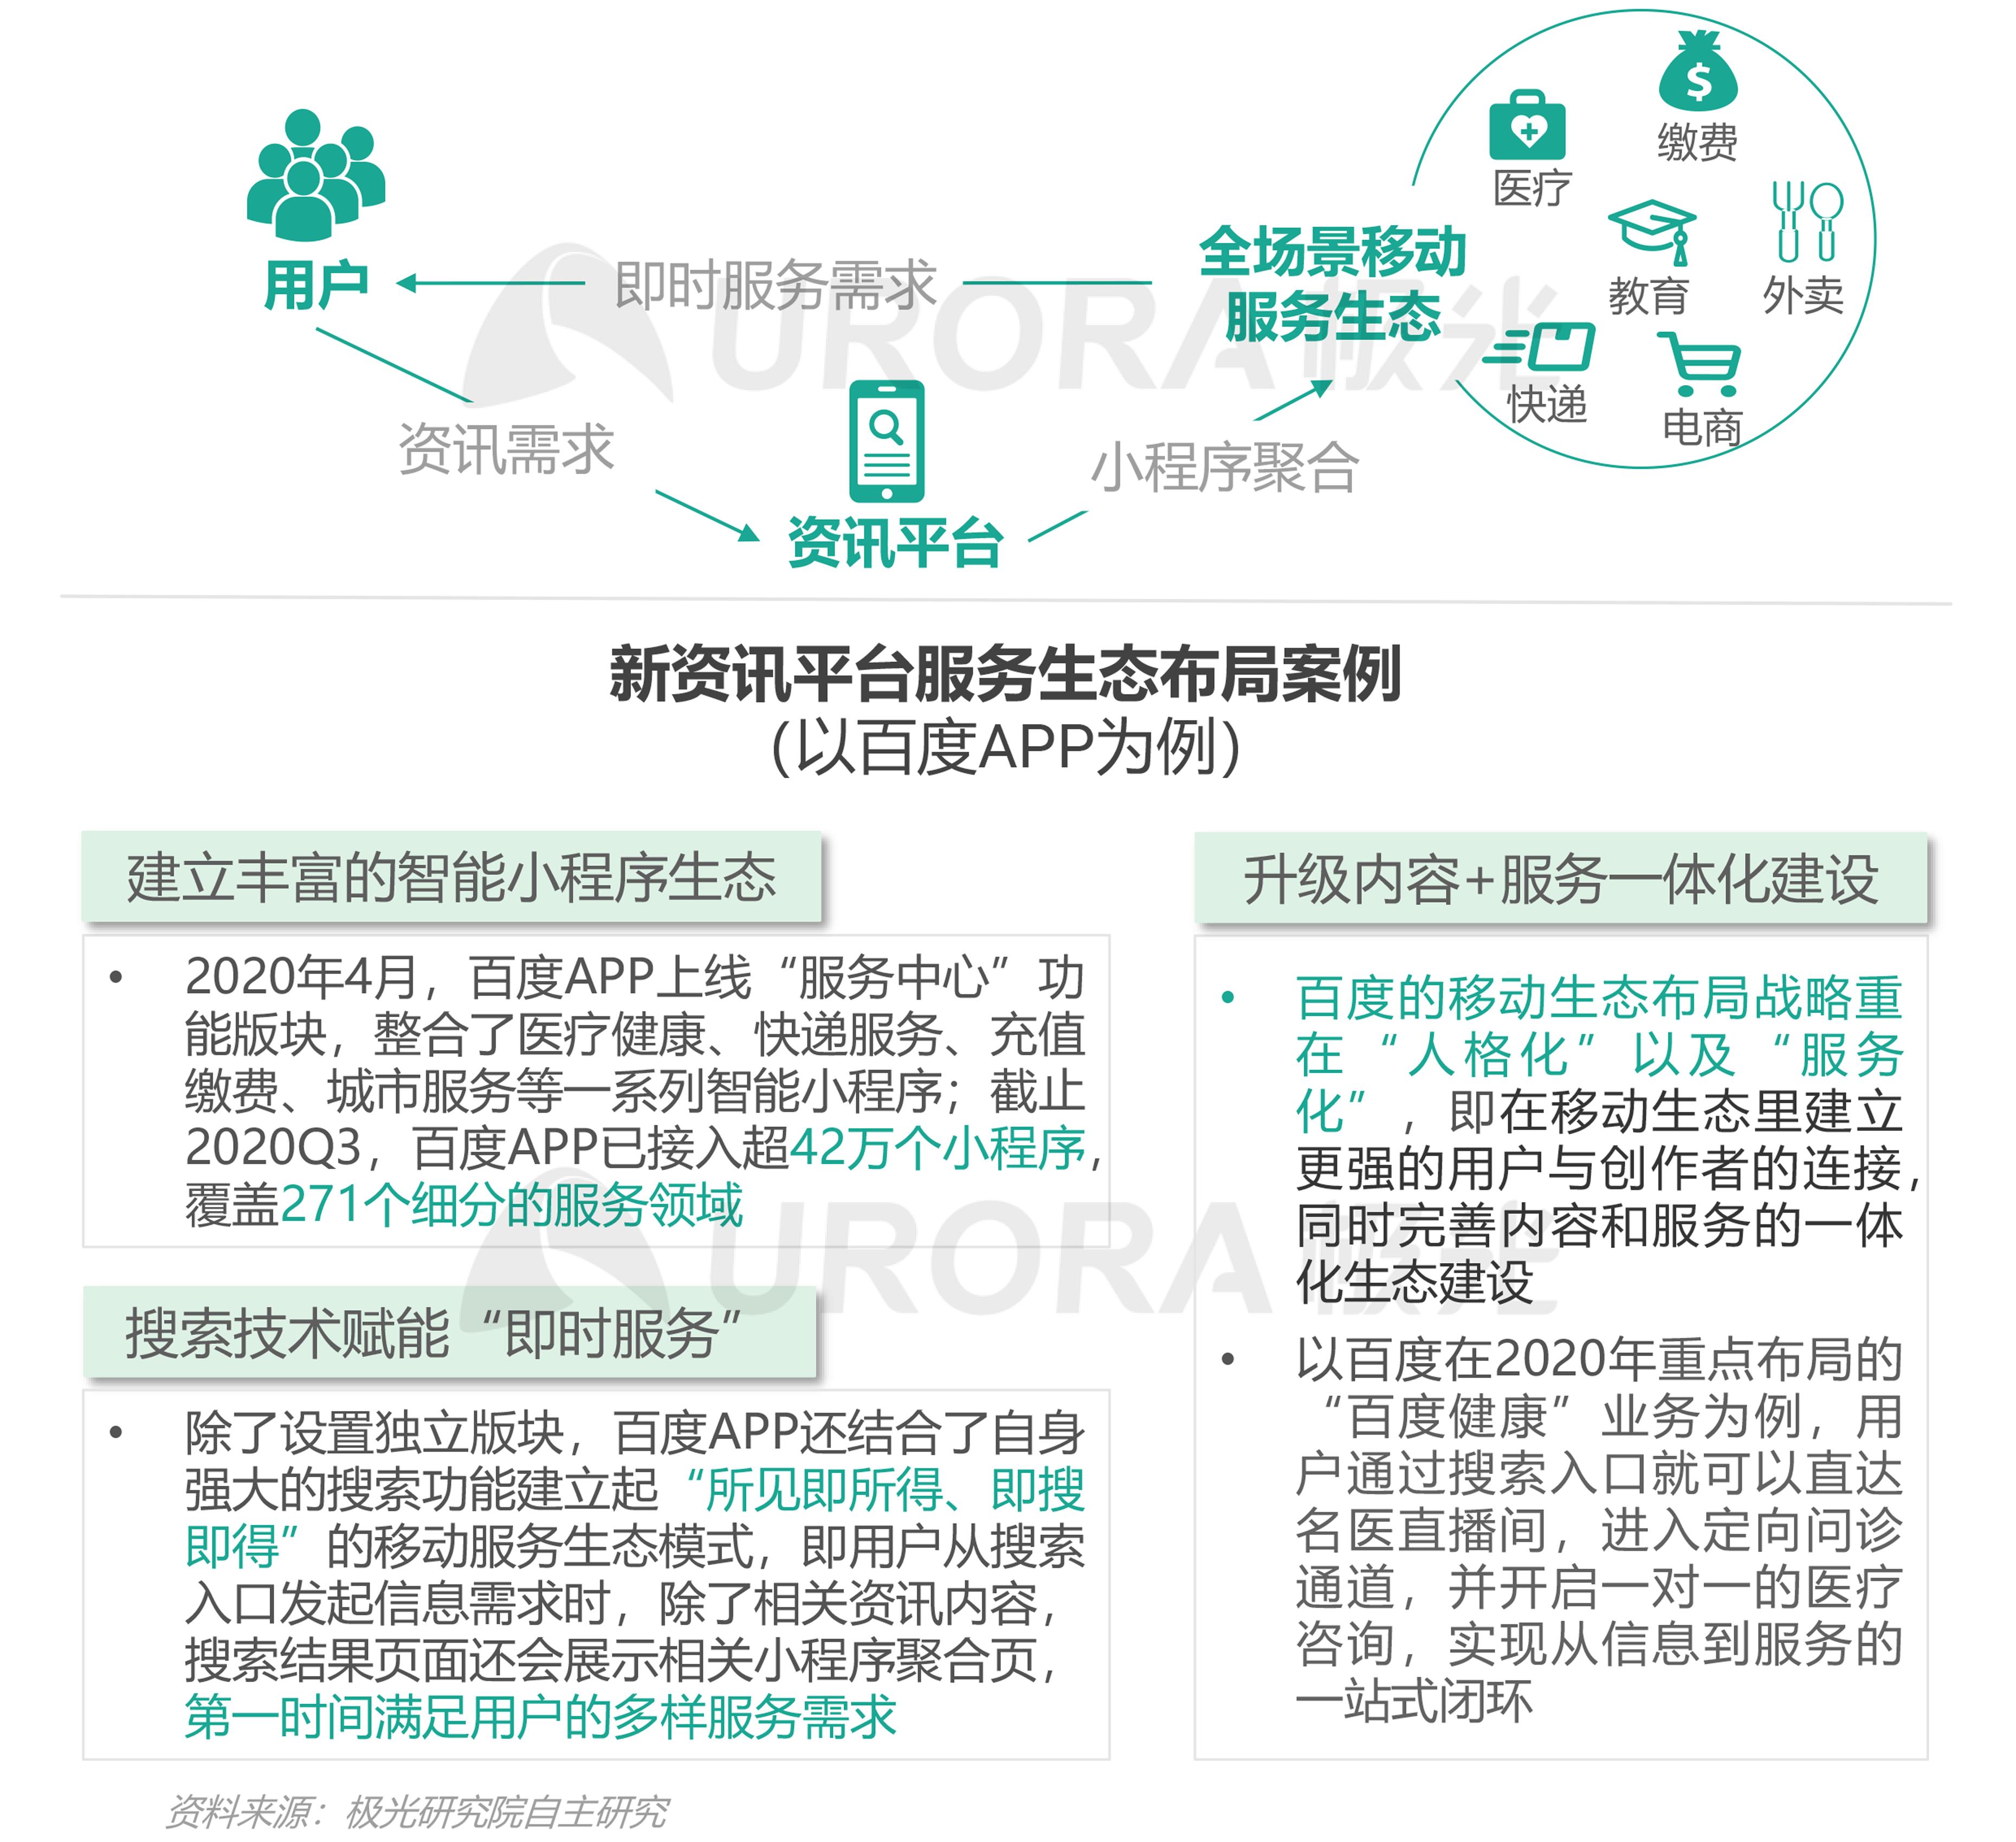 极光:2020年新资讯行业年度盘点报告 (11).png